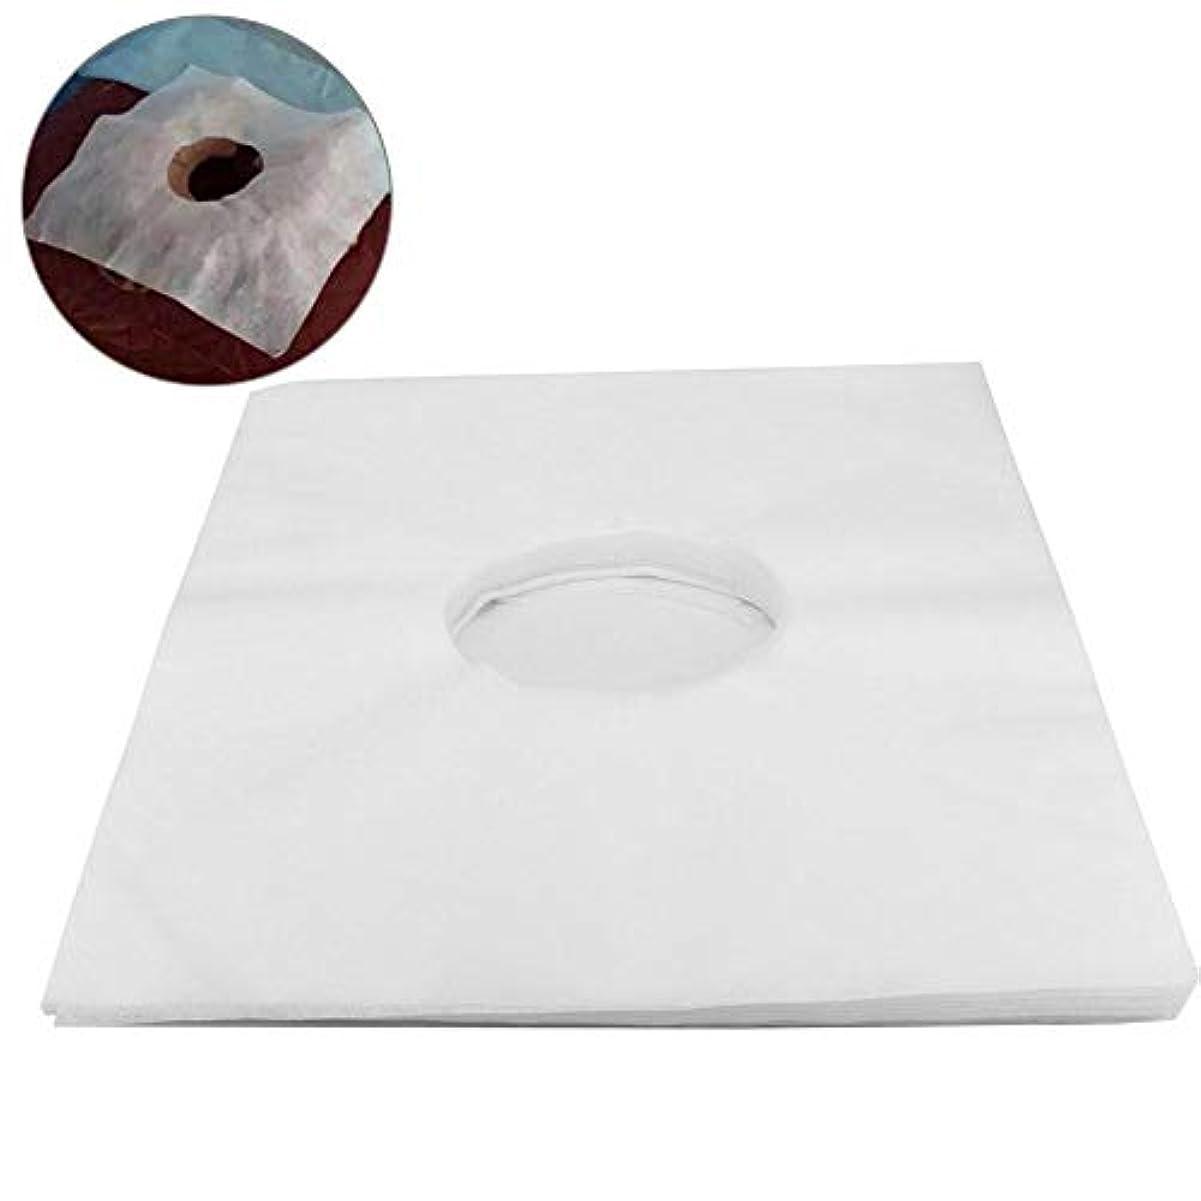 機動収まるまっすぐにする使い捨て美容院のベッドの顔の穴カバー(白)